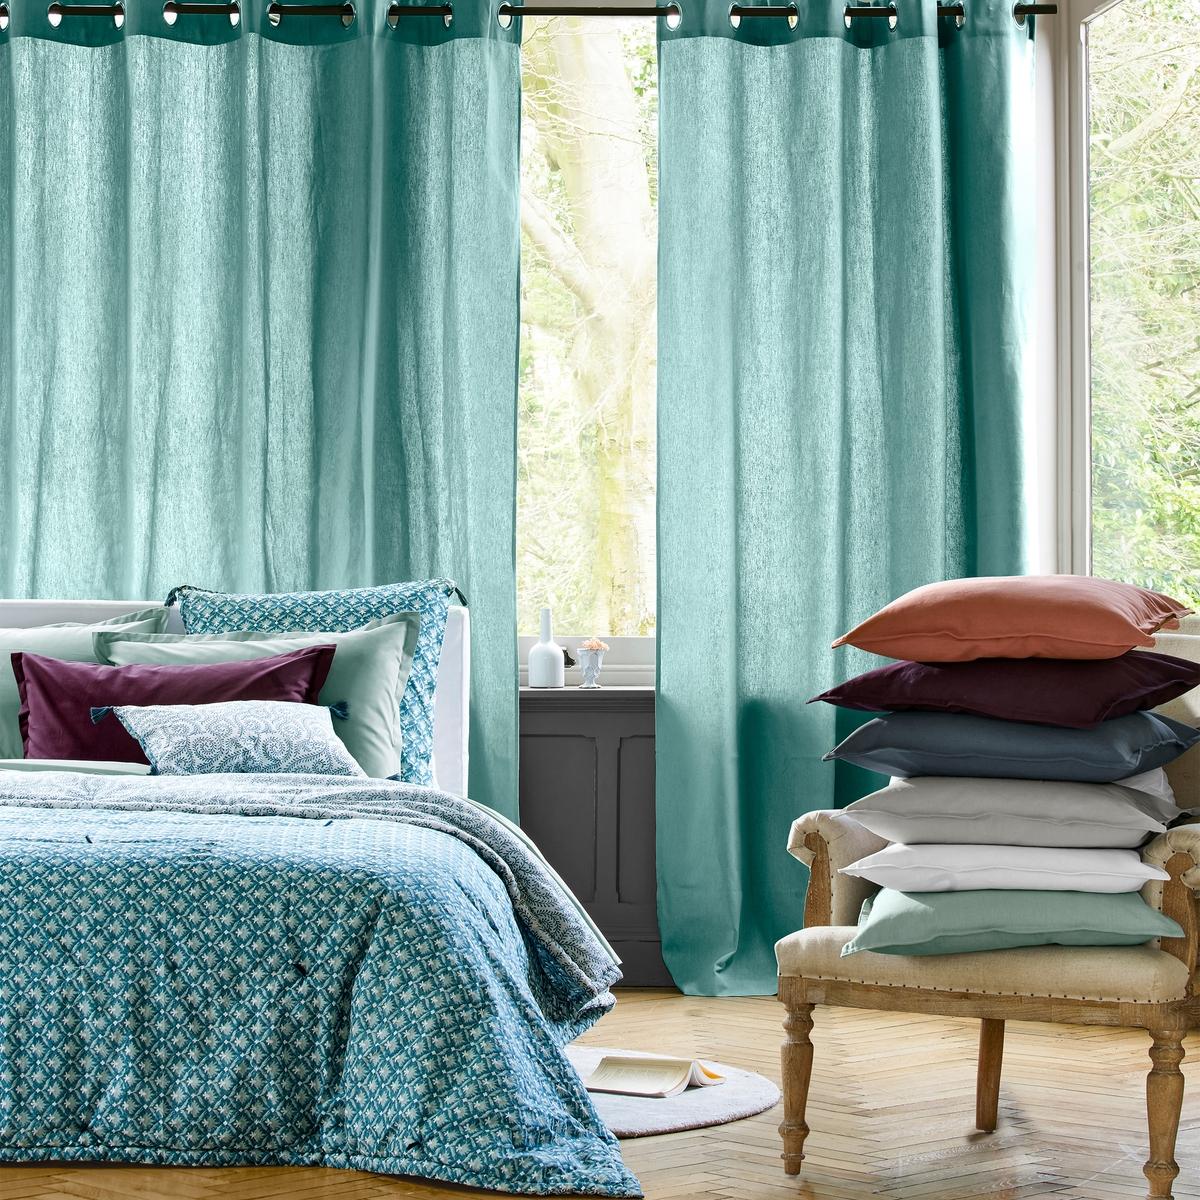 Чехол для подушки или наволочка ODISHAЧехол для подушки или наволочка Odisha : нежный и романтичный рисунок в красивых синих тонах.Описание чехла для подушки Odisha:Разный рисунок с двух сторон.Отделка кисточкой.Характеристики чехла для подушки OdishaВерх из хлопковой вуали.Стирка при 40°.Всю коллекцию Odisha Вы найдете на laredoute.ru<br><br>Цвет: сине-зеленый/бледно-зеленый<br>Размер: 65 x 65  см